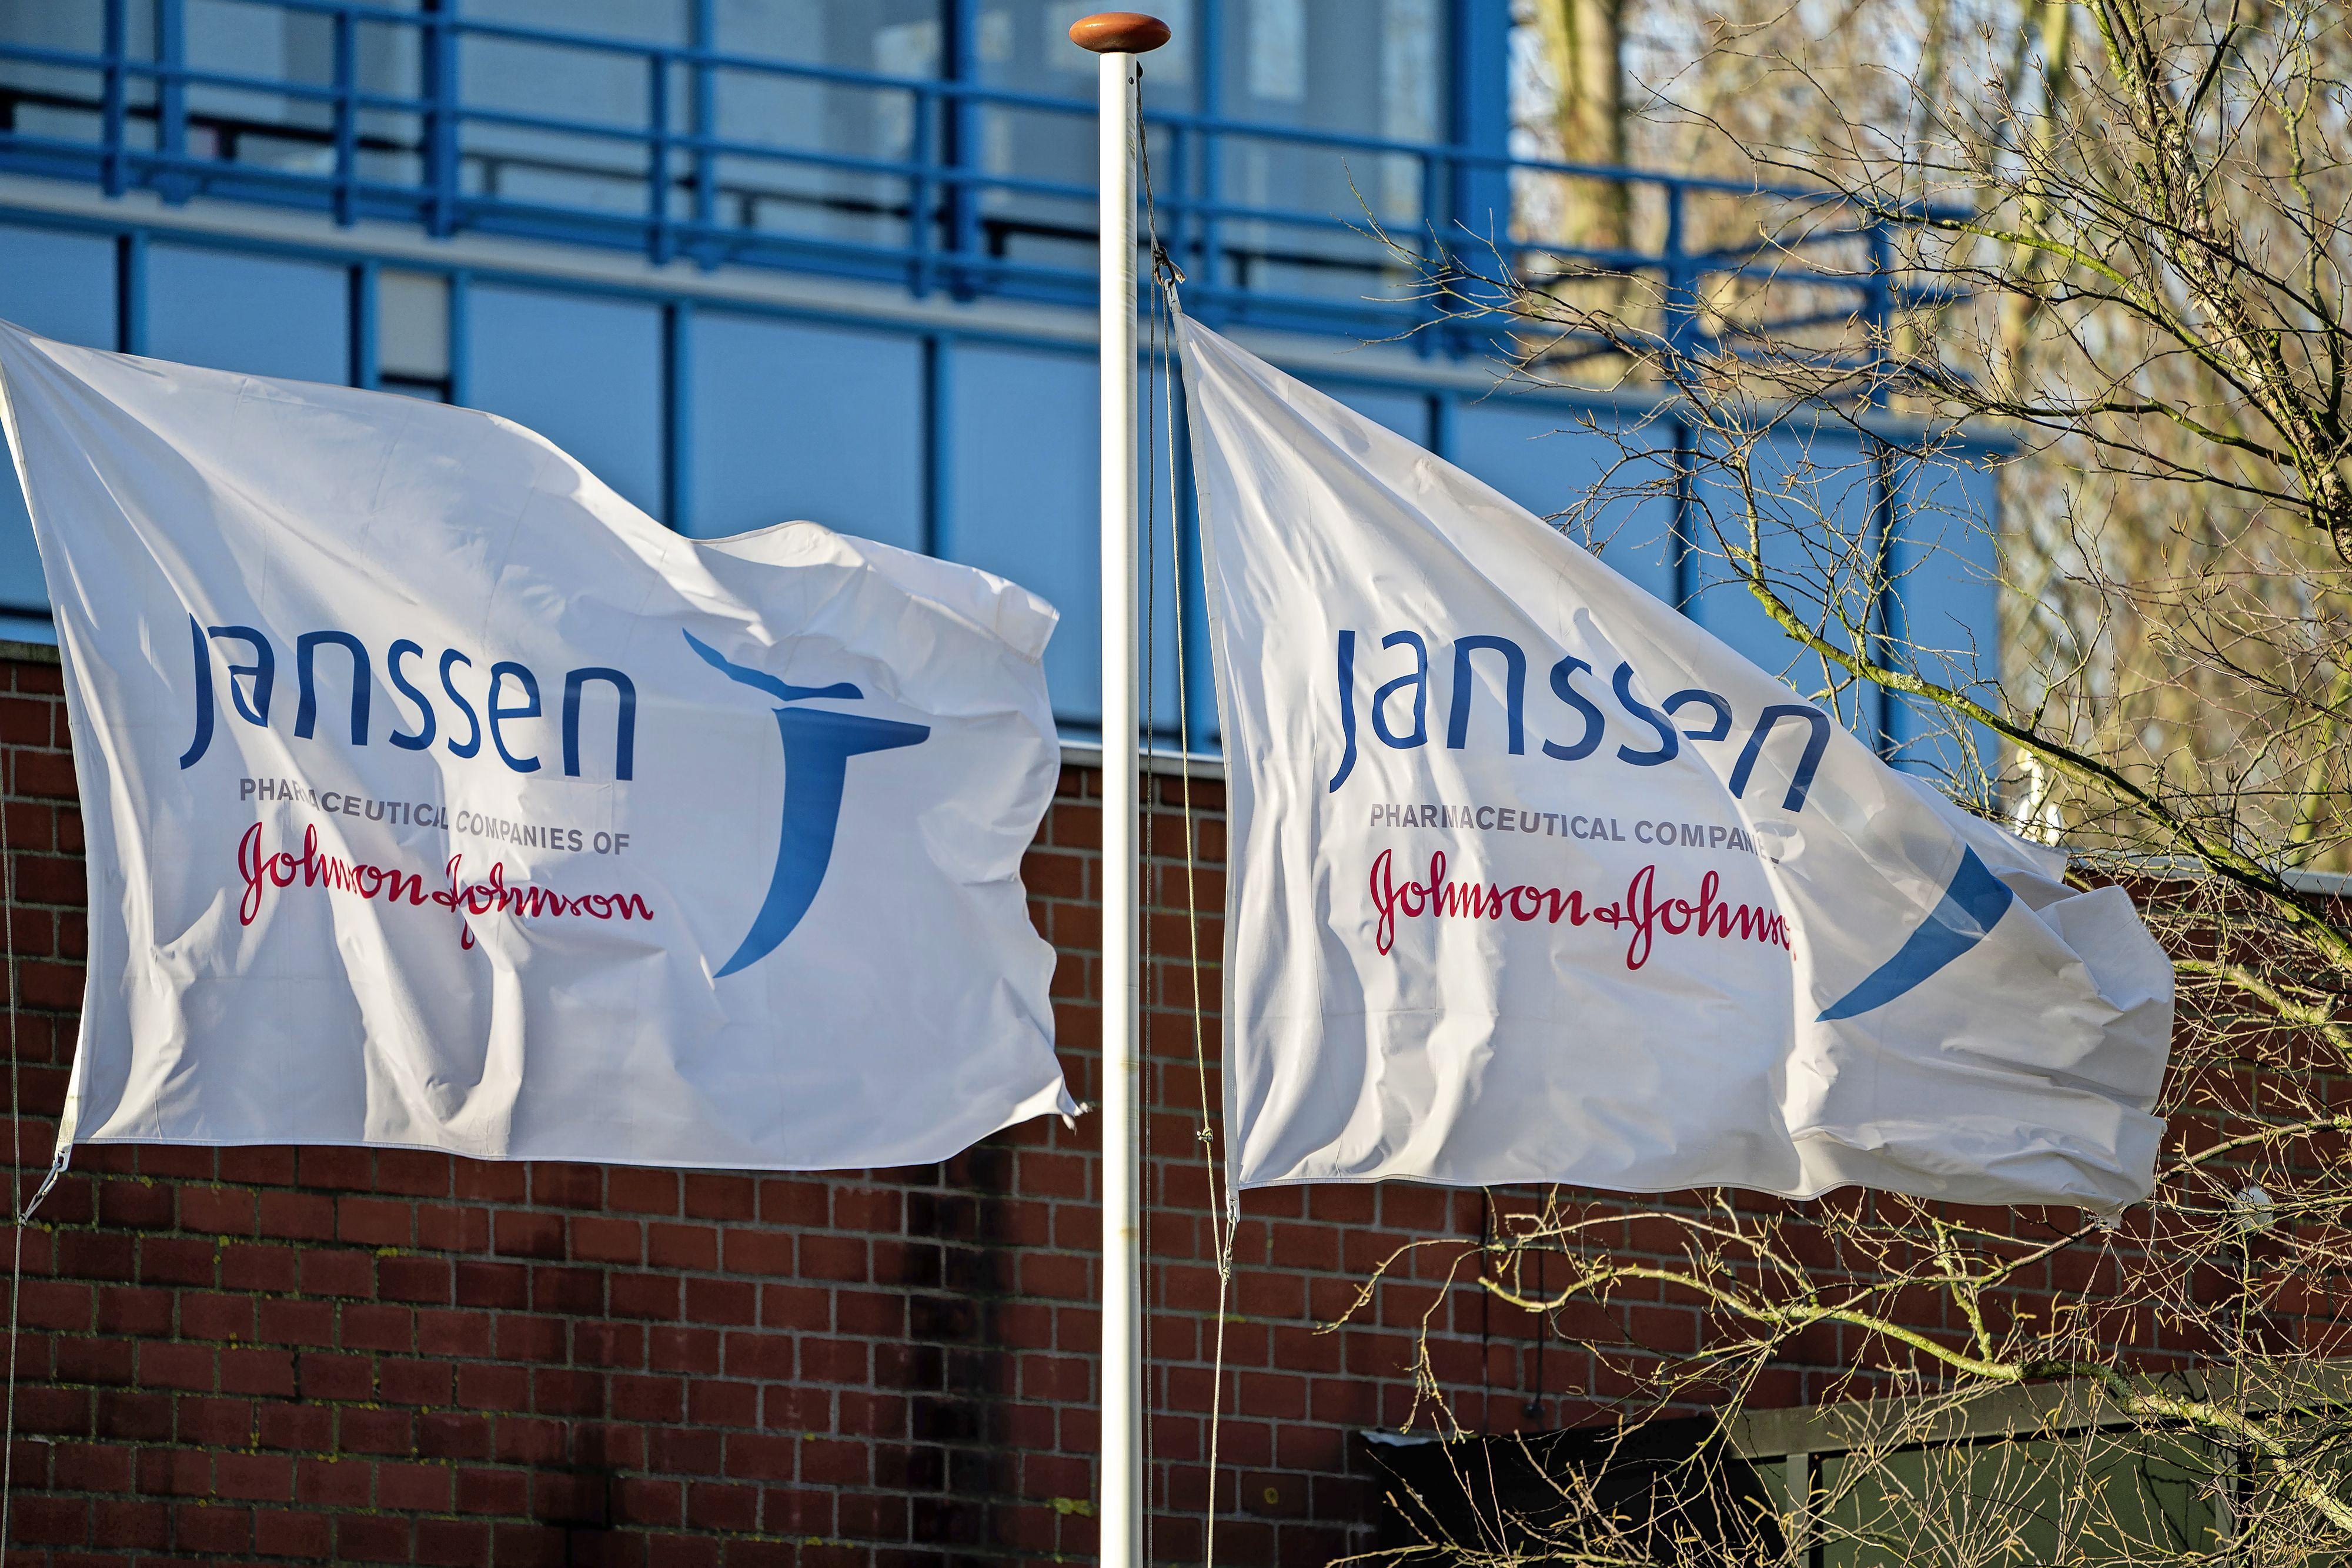 Run op eerder verguisd Janssen-vaccin verklaard: 'Jongeren willen op vakantie'